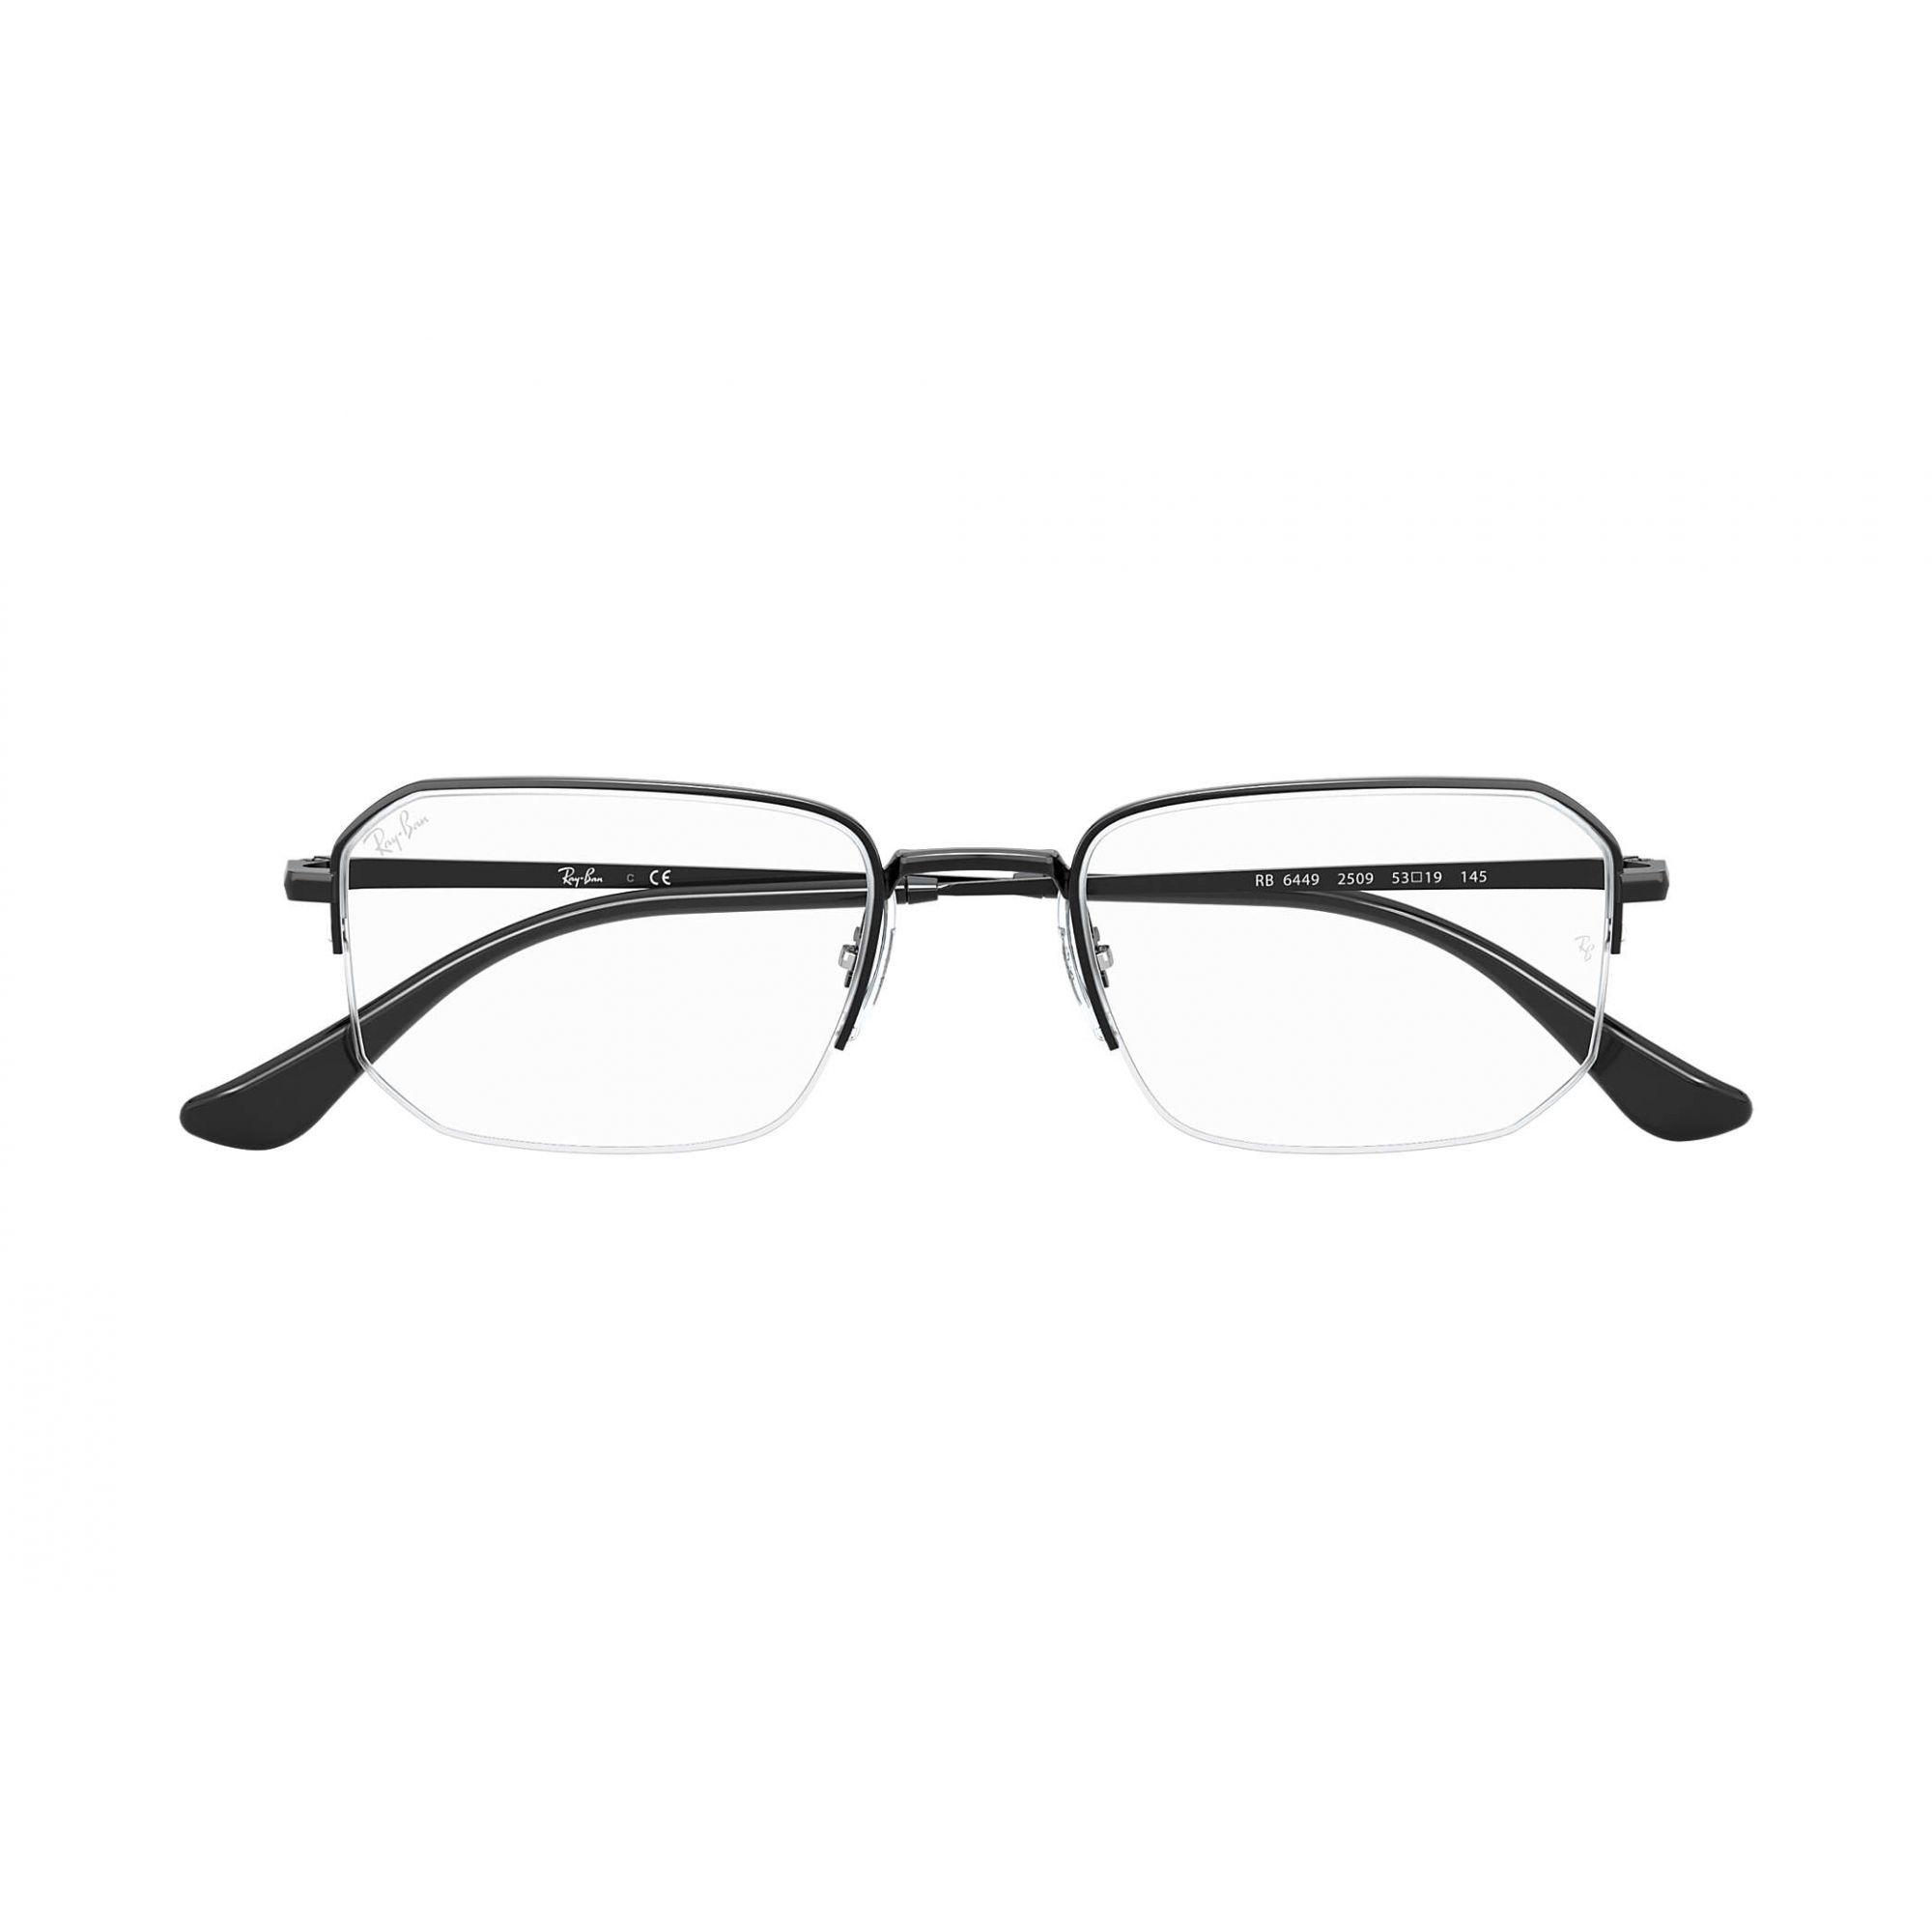 Ray Ban - RB6449 2509 - Óculos de grau